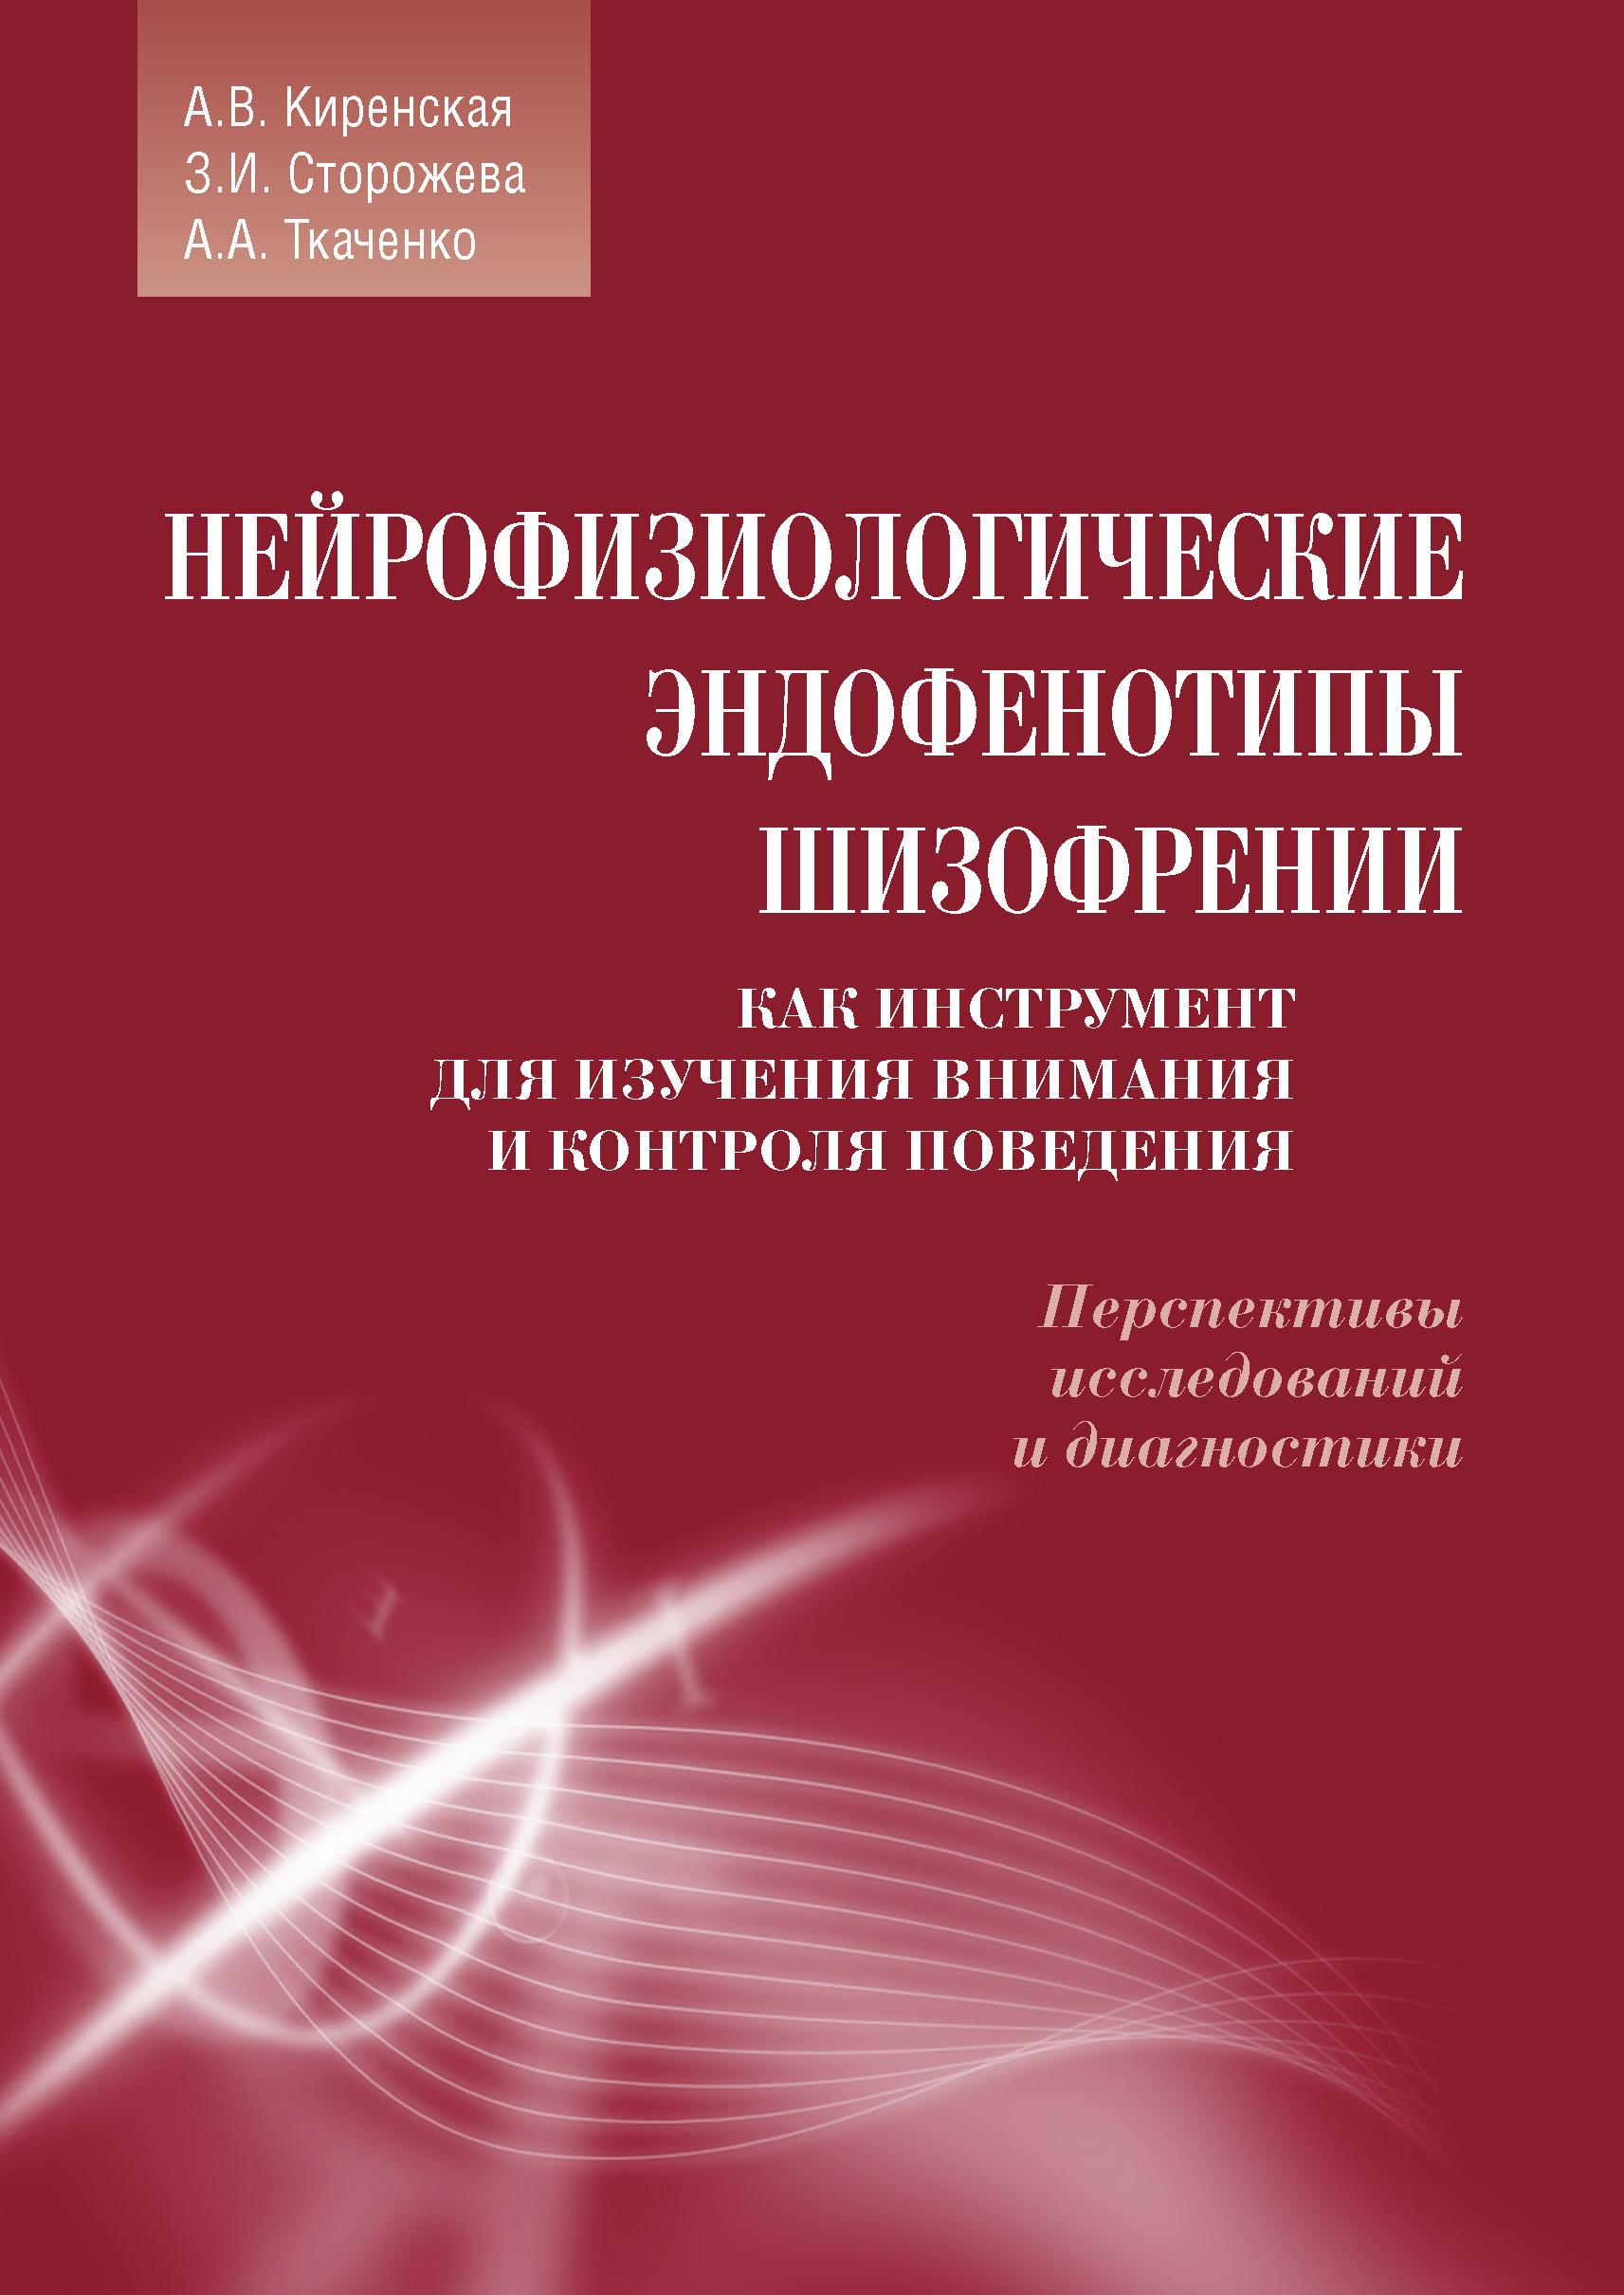 А. А. Ткаченко Нейрофизиологические эндофенотипы шизофрении как инструмент для изучения внимания и контроля поведения. Перспективы исследований и диагностики